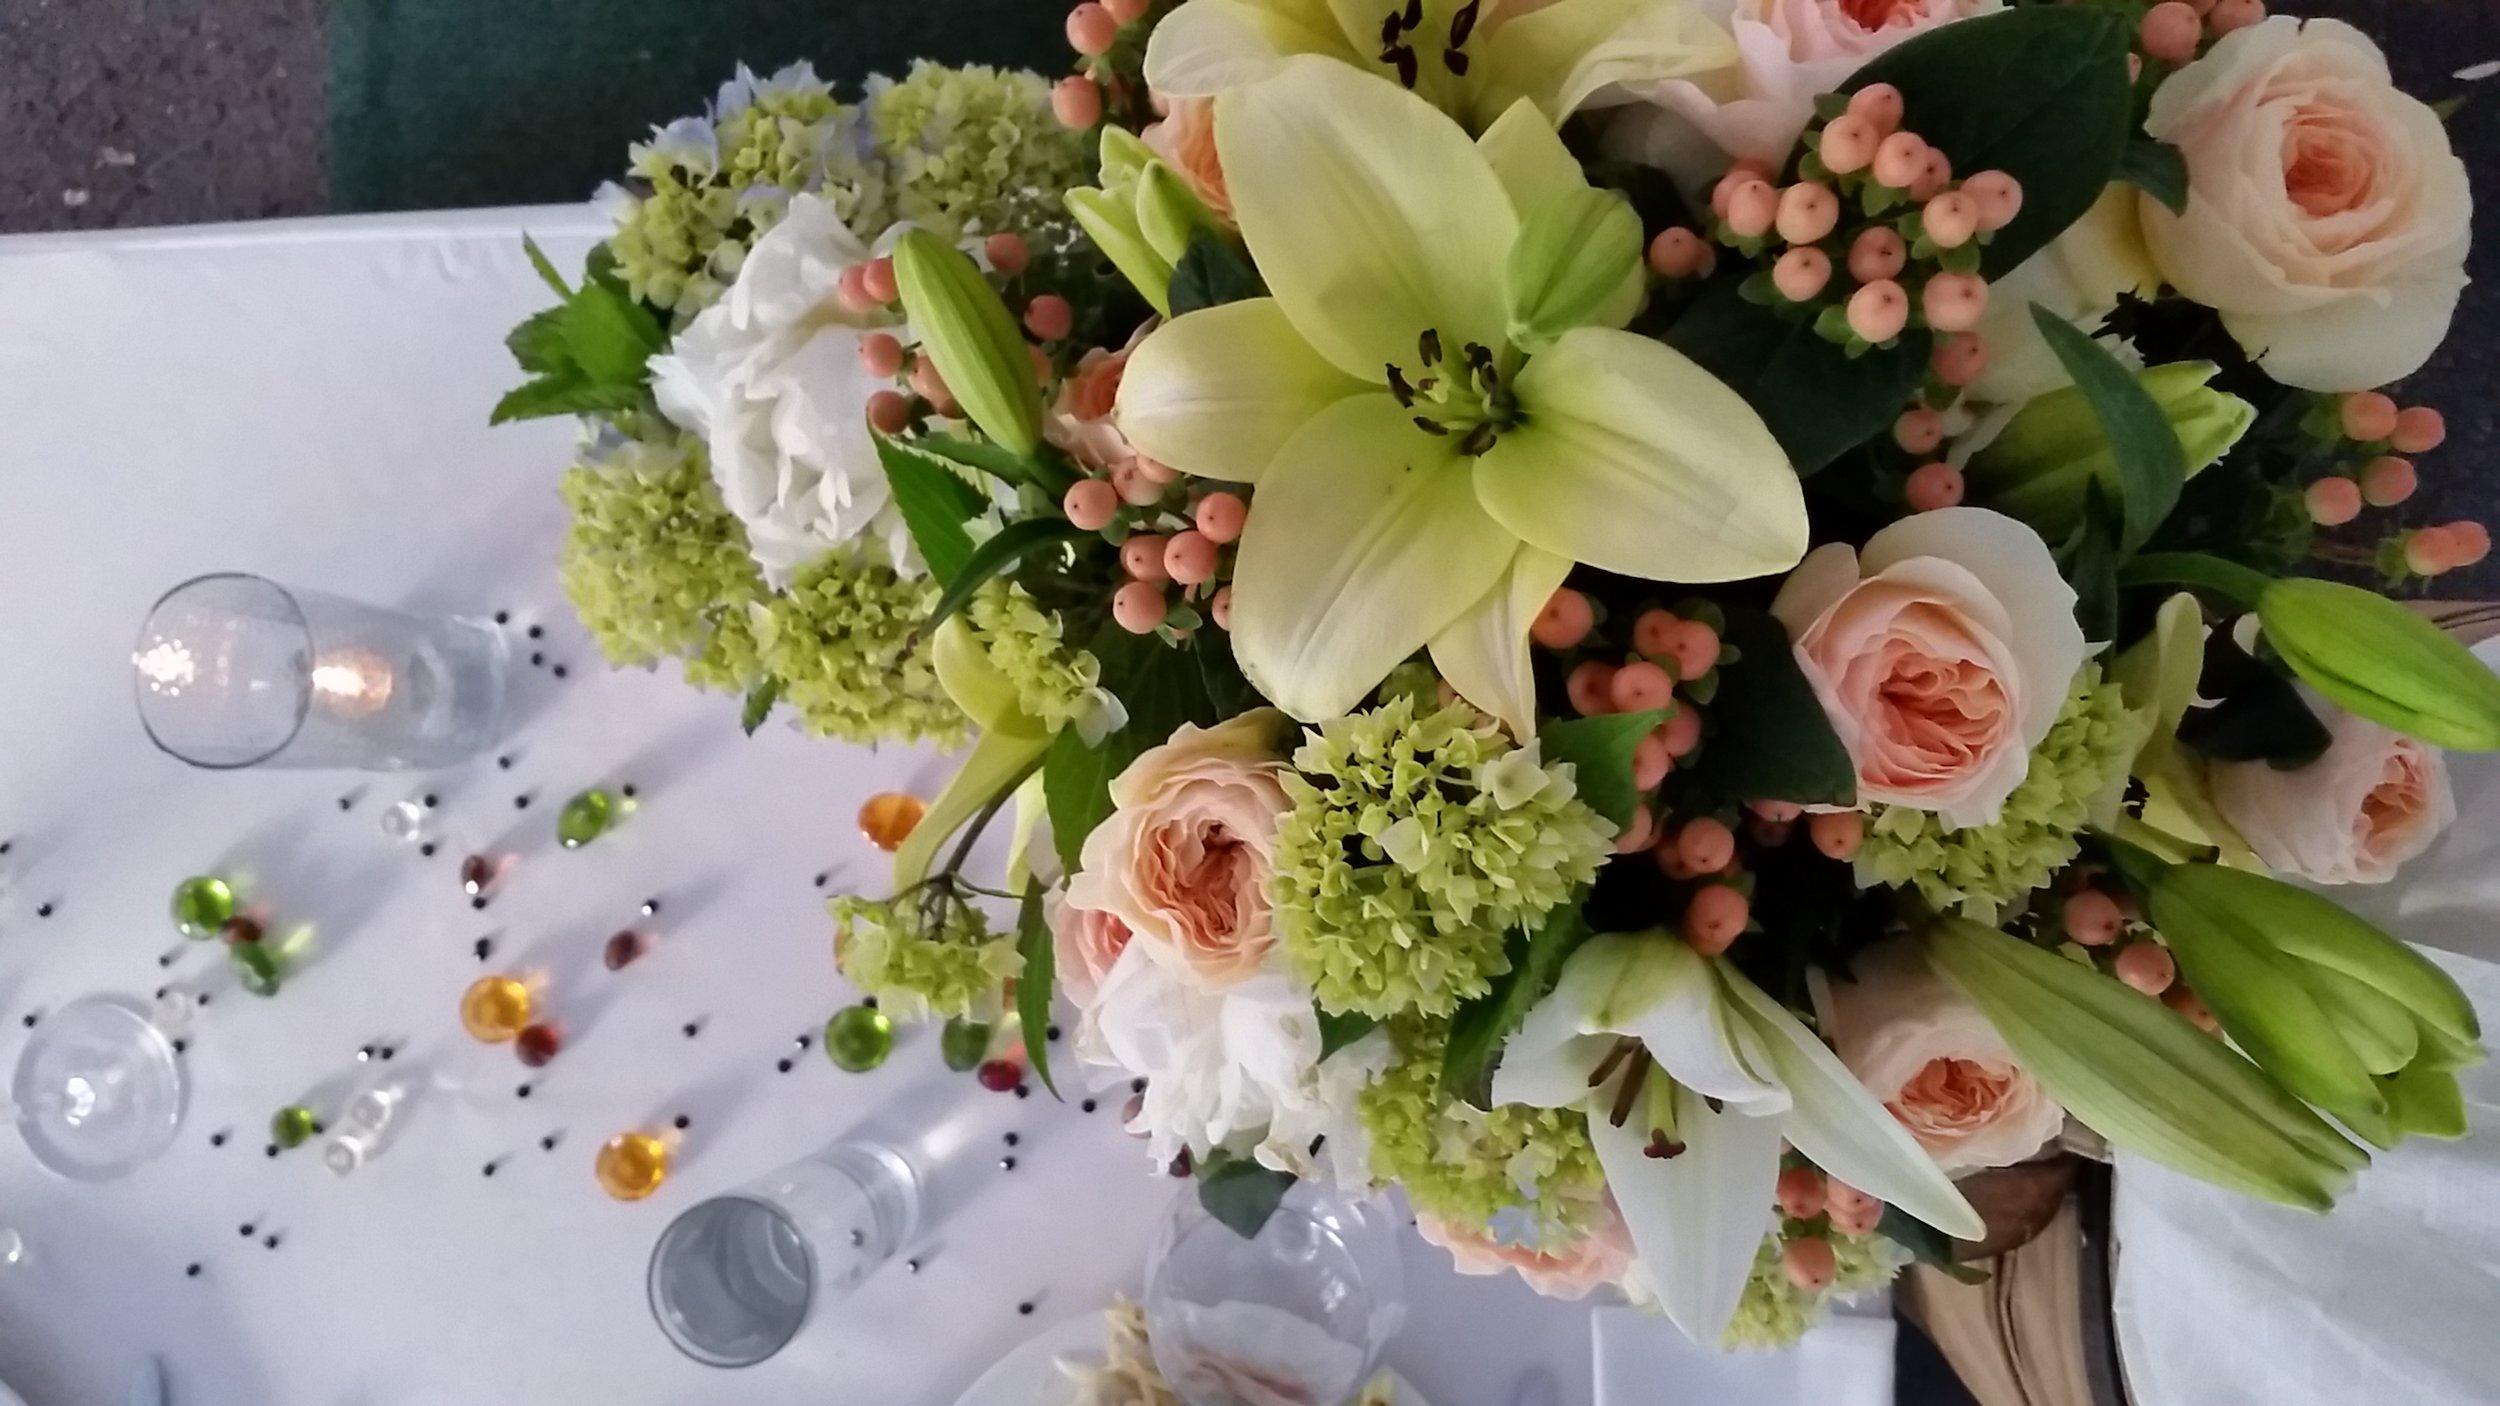 Chameleon Wedding Floral arrangements